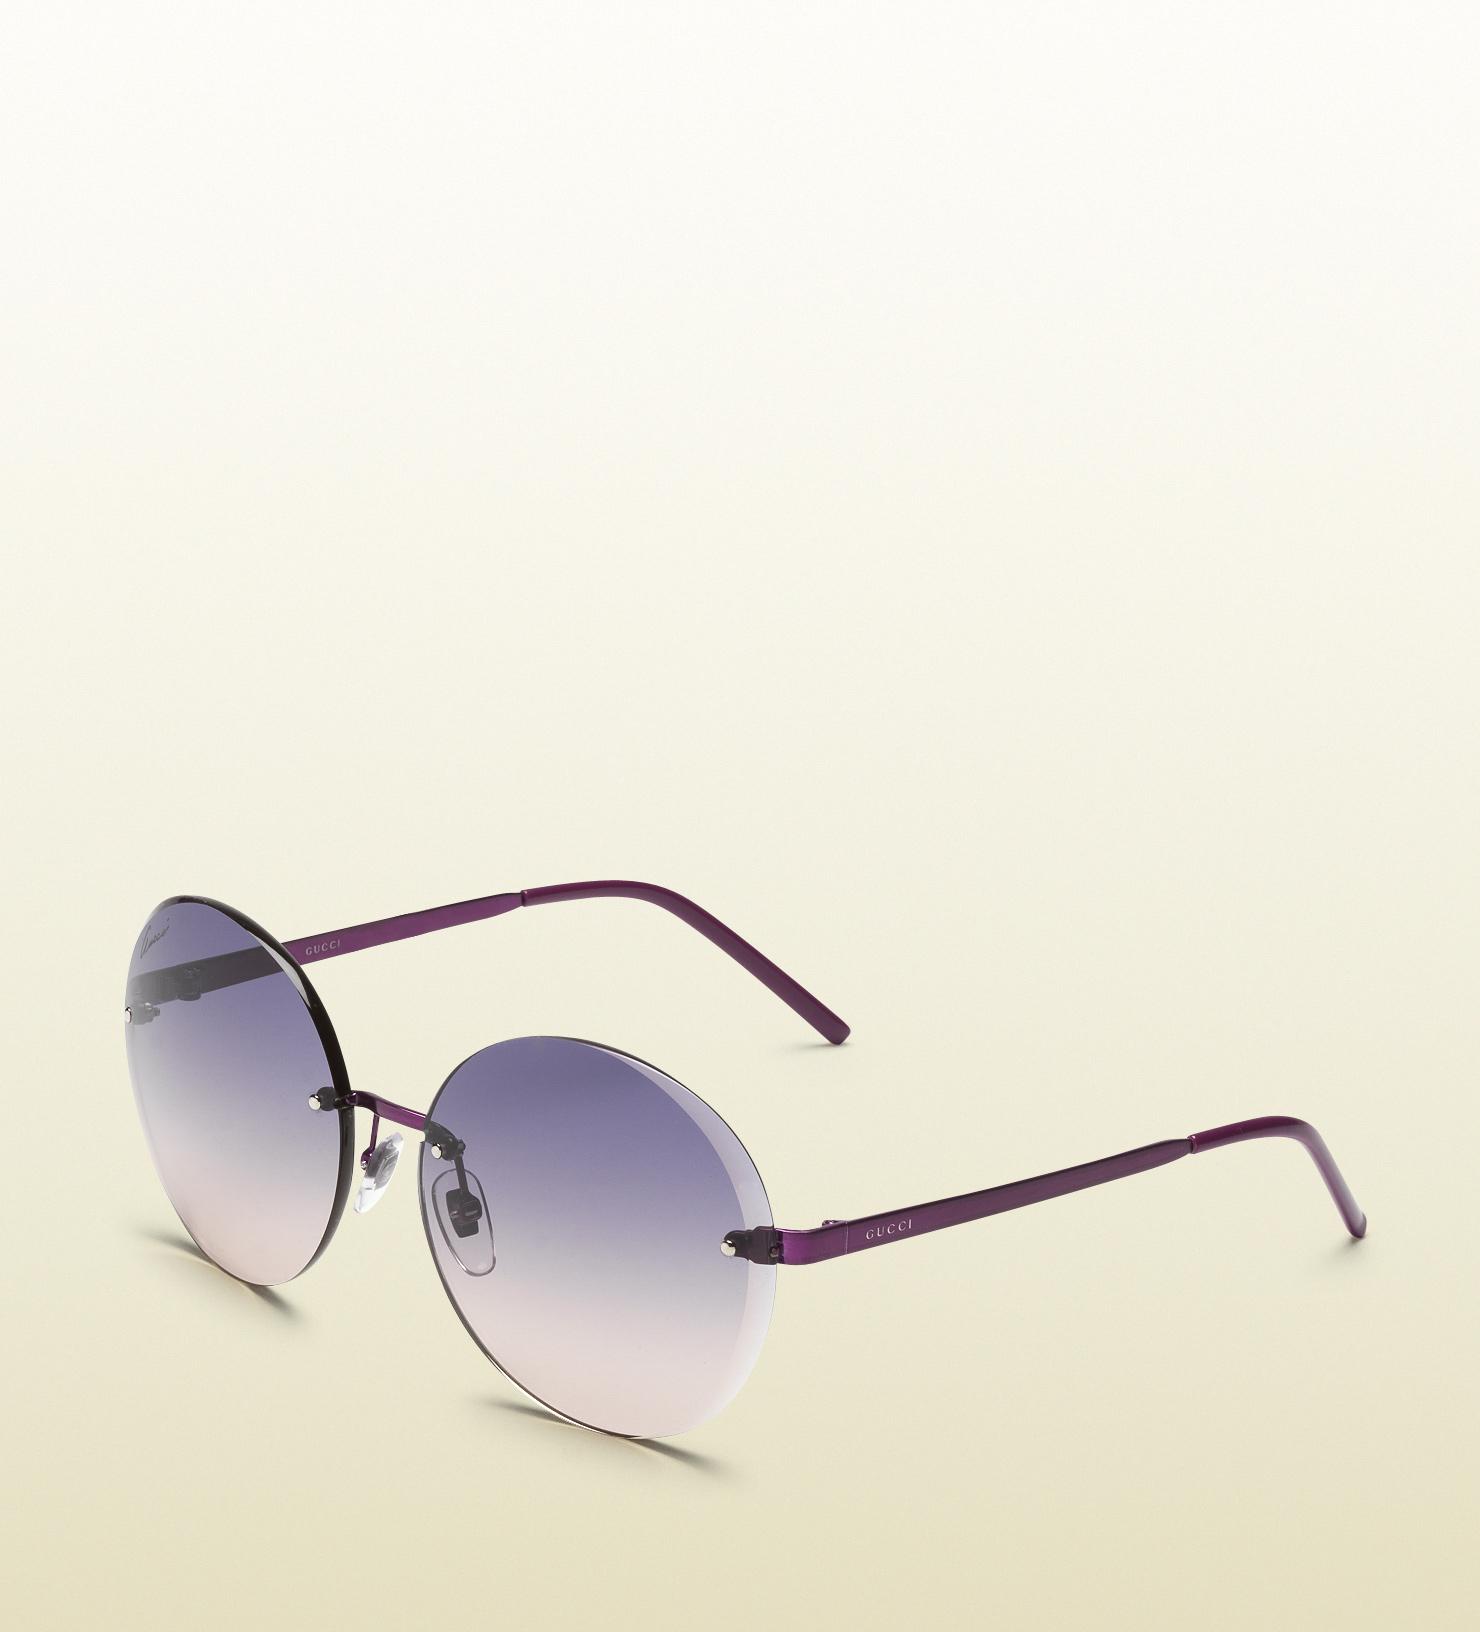 Purple Gucci Sunglasses  gucci flora round rimless sunglasses in purple for men lyst